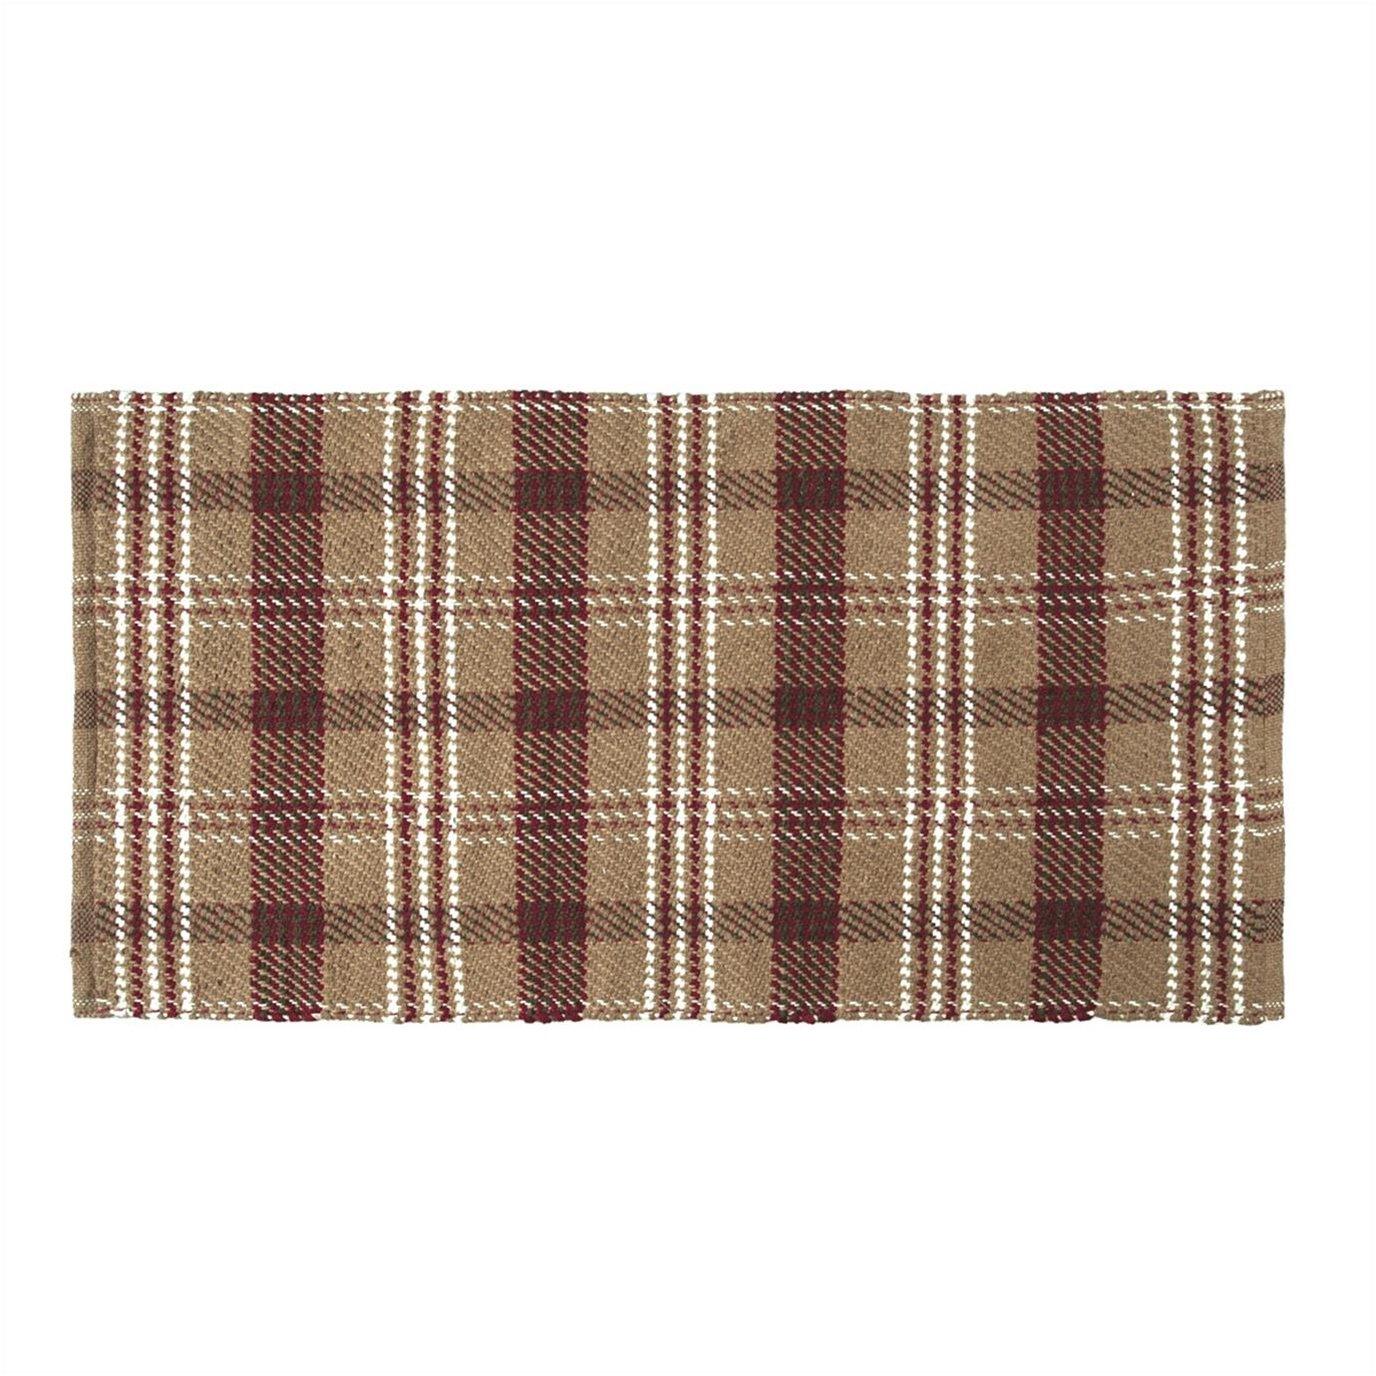 Berkeley Cottage Oak Flooring: Berkeley Wool & Cotton Rug Rect 27x48 By Oak & Asher